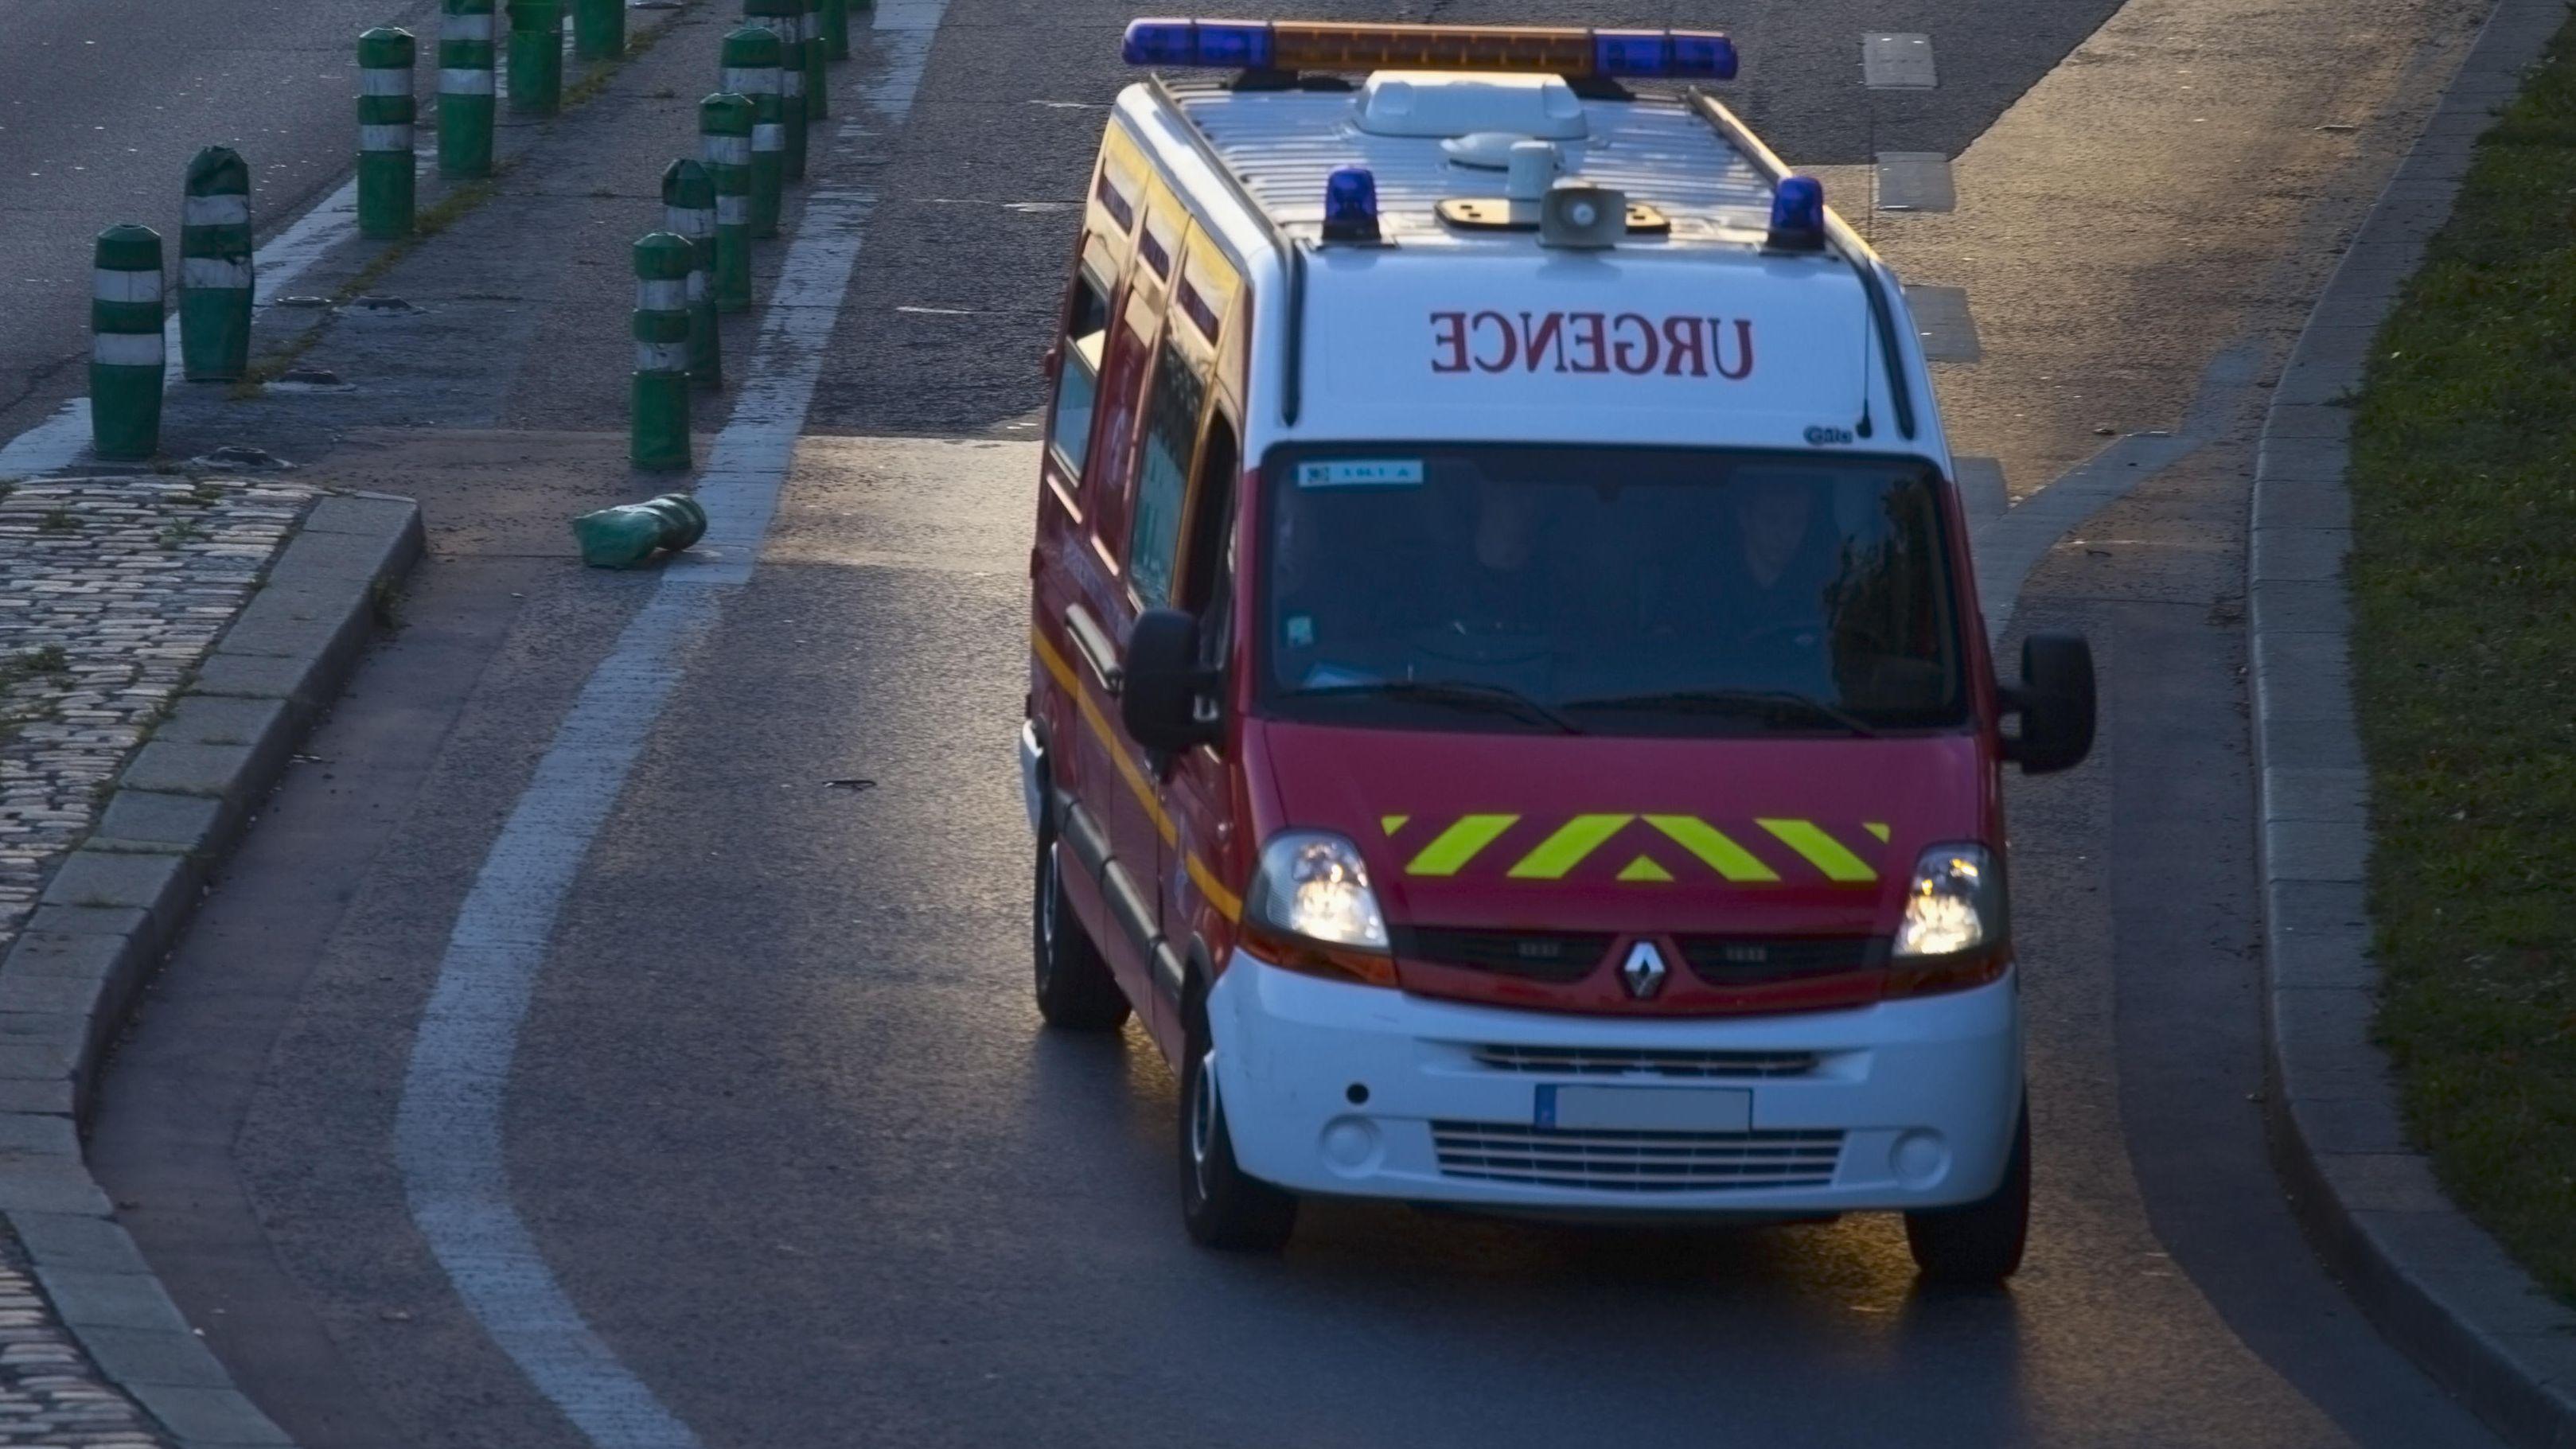 Französisches Sanitätsfahrzeug in Fahrt auf Straße der Ile de France